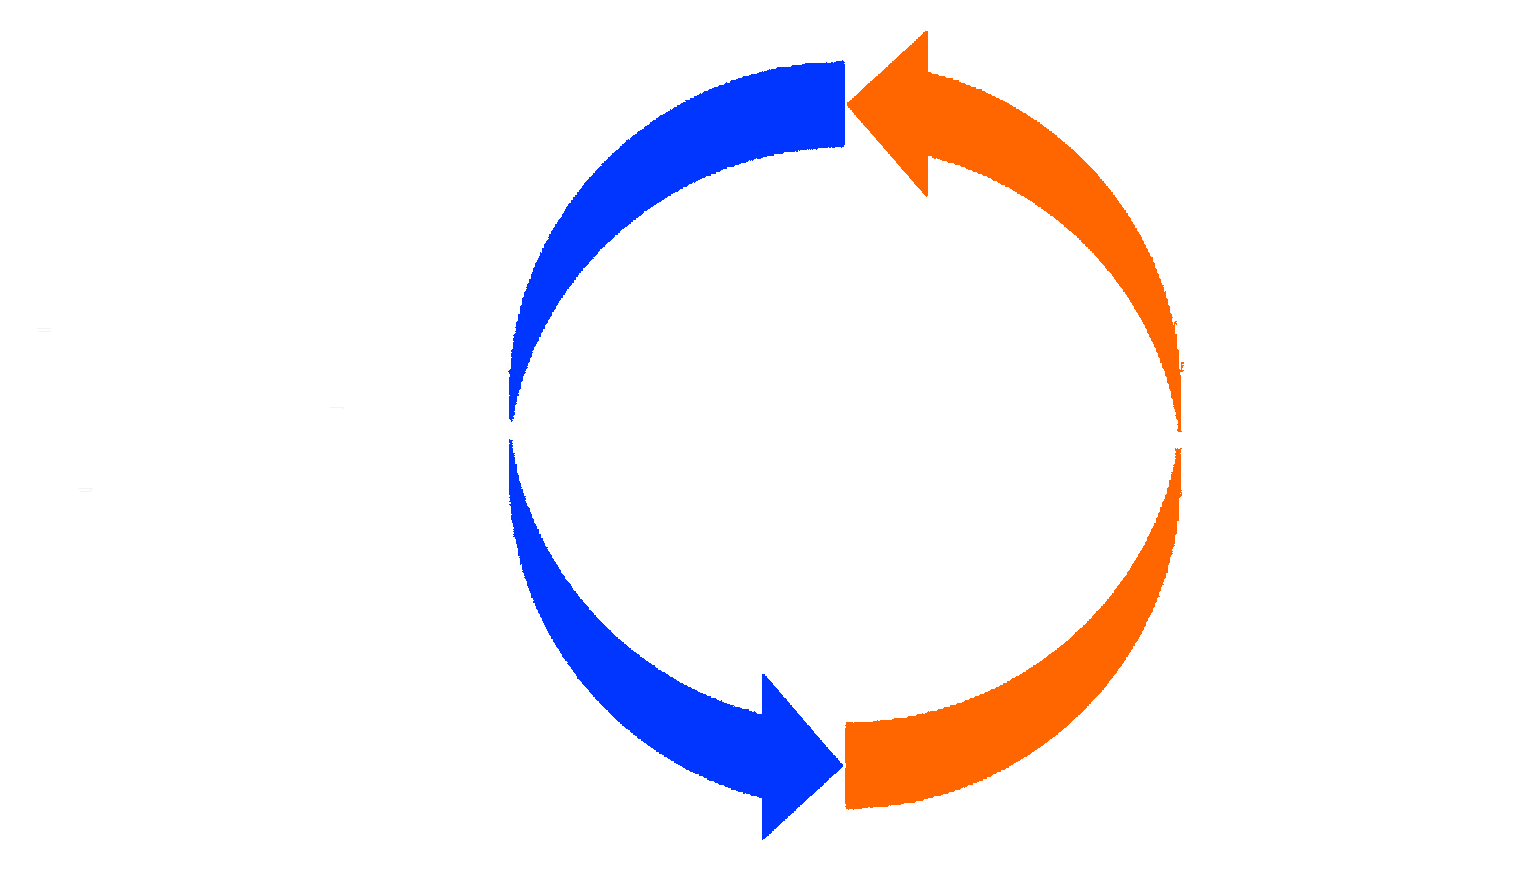 J. Weatherman Jr. gameplay loop (primary in/out experience)